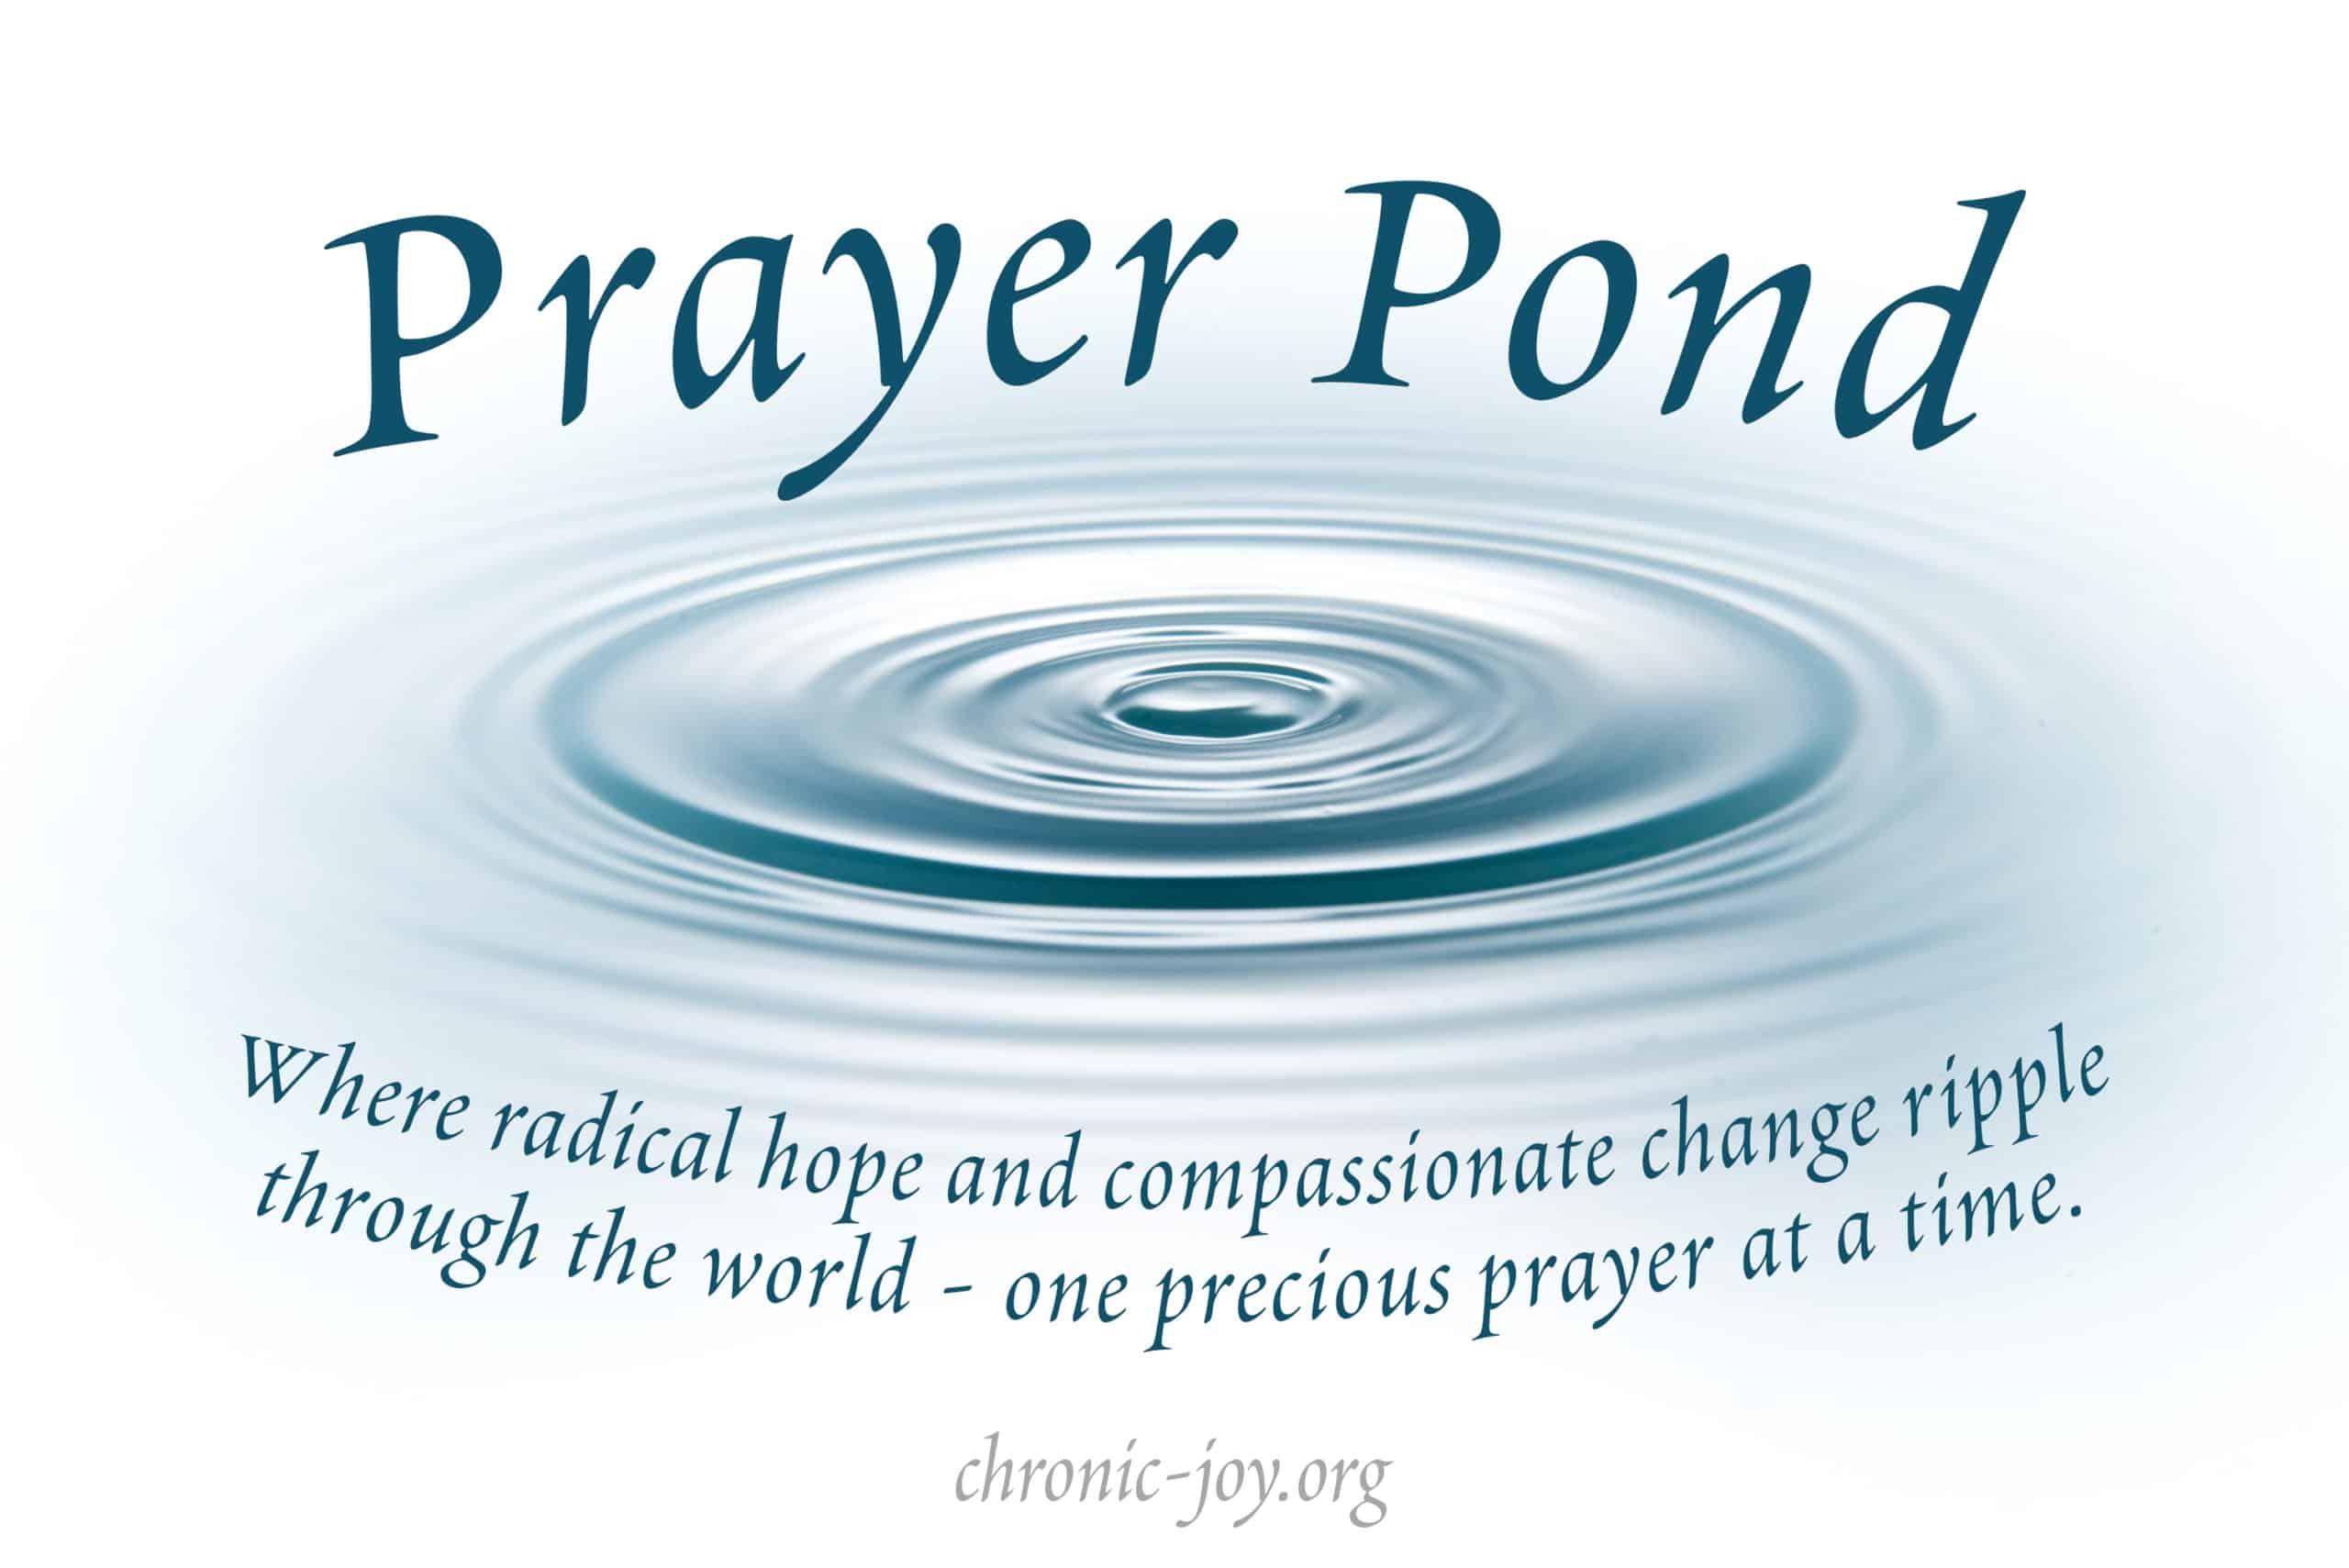 Prayer Pond